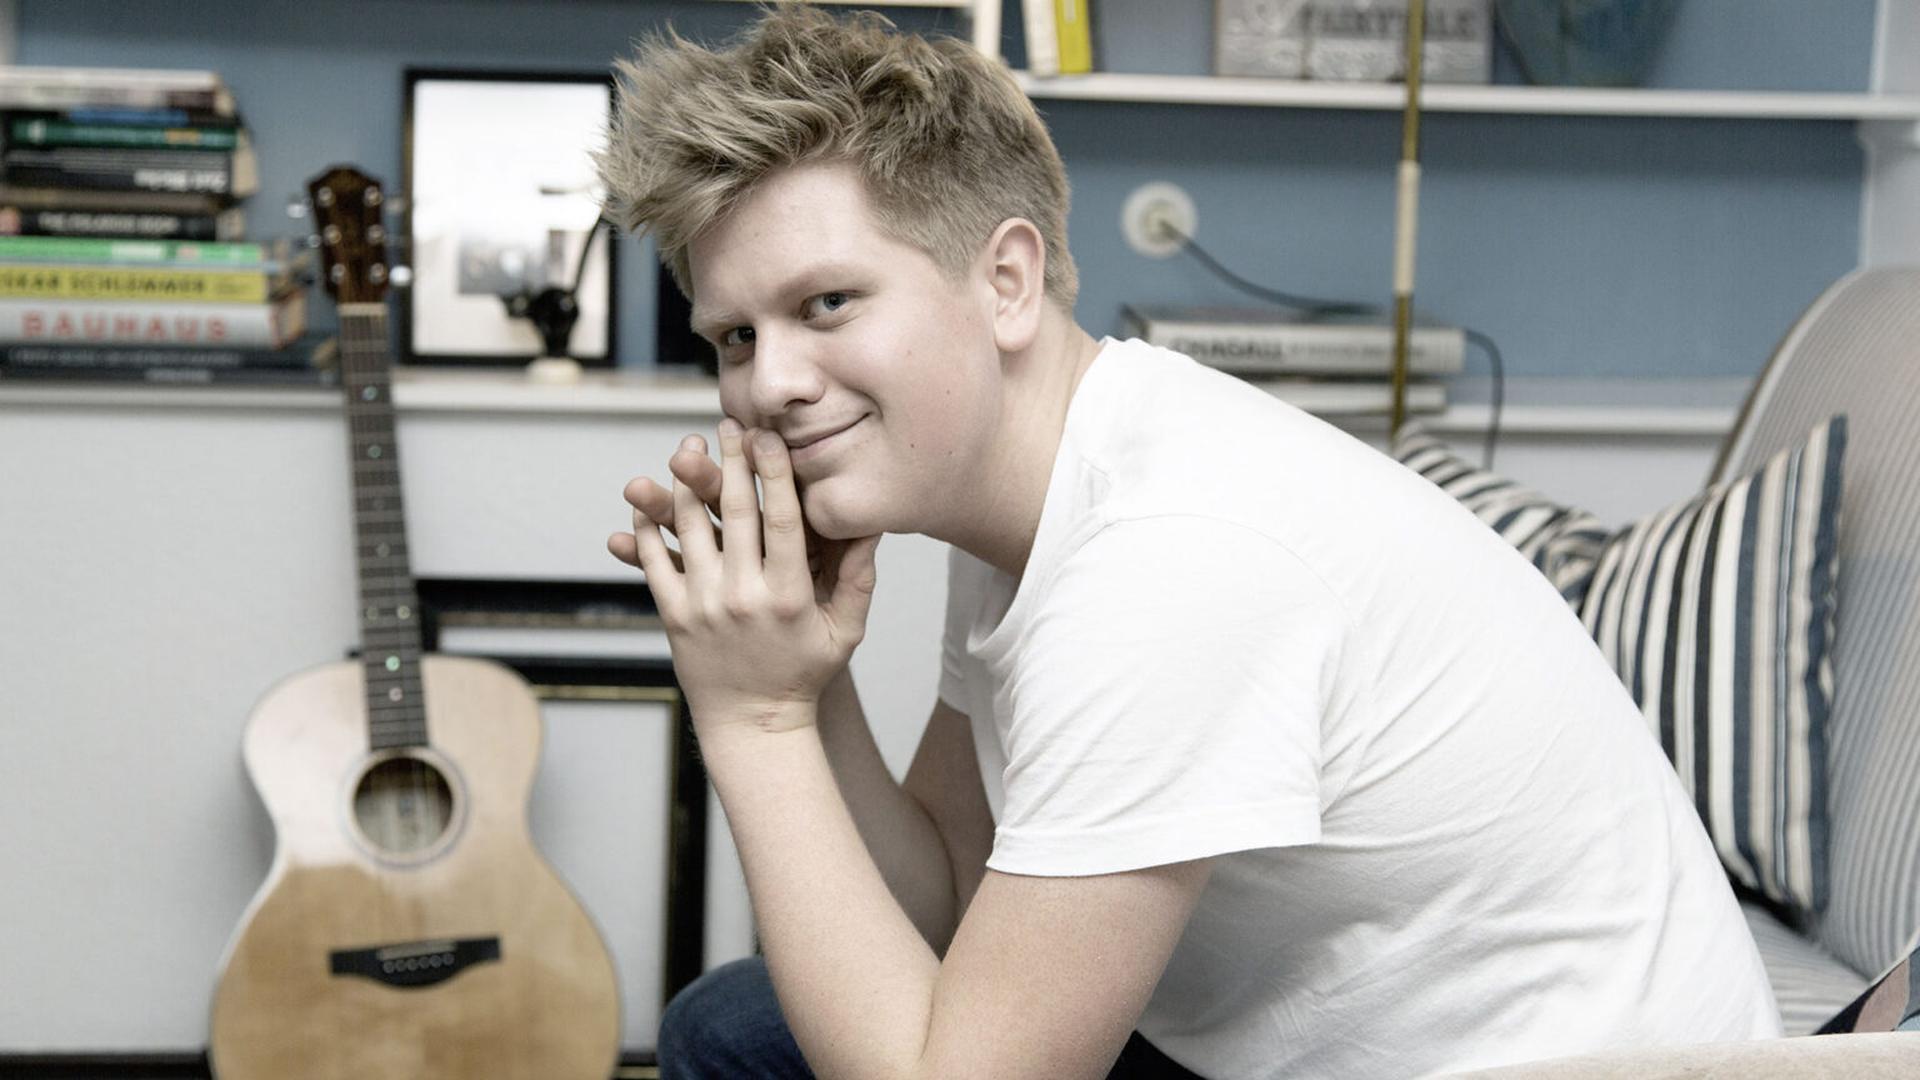 Seine Liebe zur Musik entdeckte Jonas Gavriil schon als kleines Kind. Seit seinem 15. Lebensjahr schreibt er mit Leidenschaft eigene Lieder.